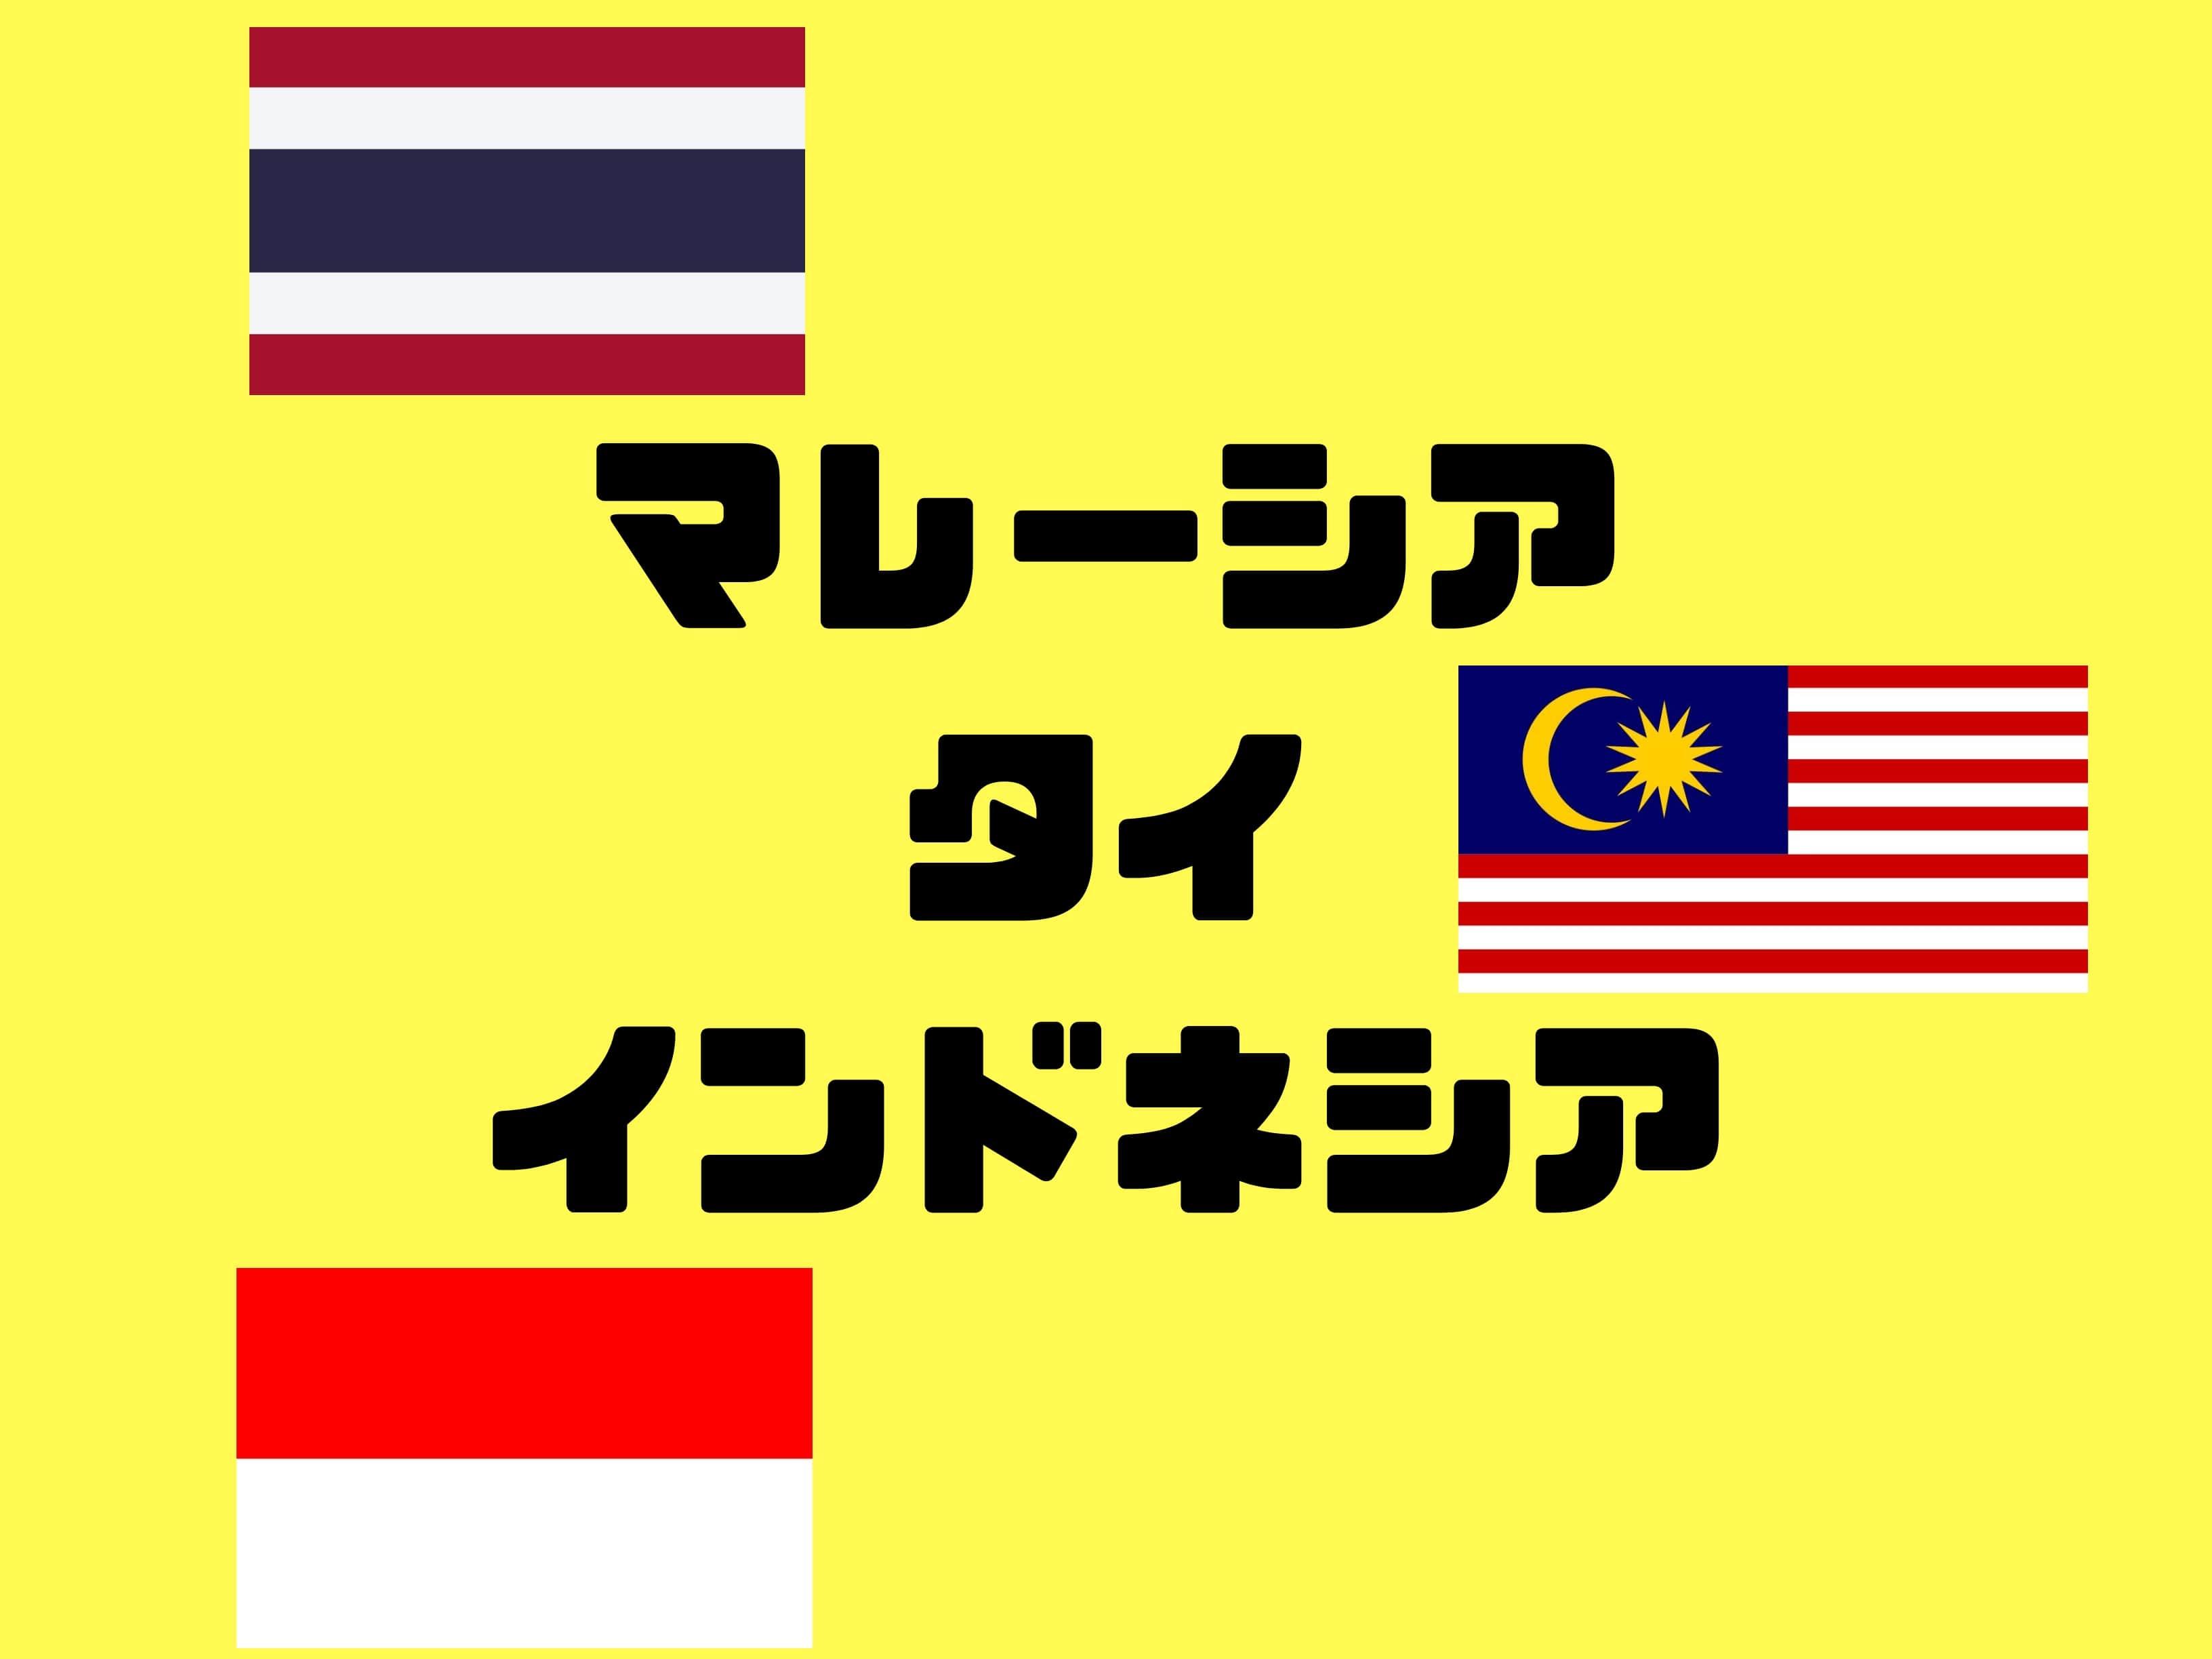 アセアン株【マレーシア・タイ・インドネシア】の各種数値